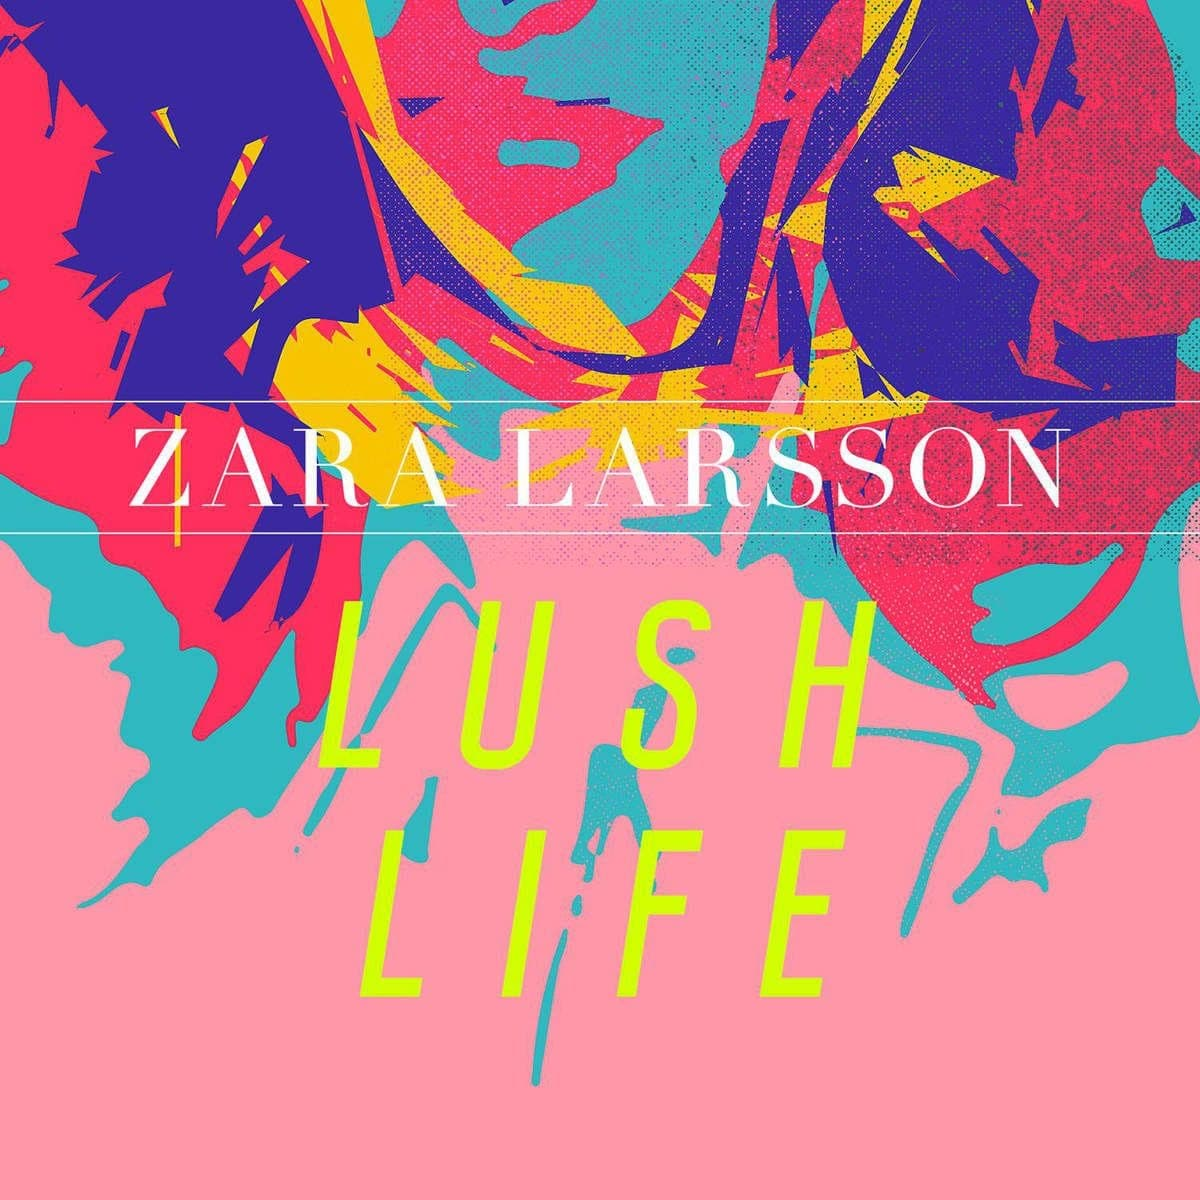 Lush Life - Zara Larsson